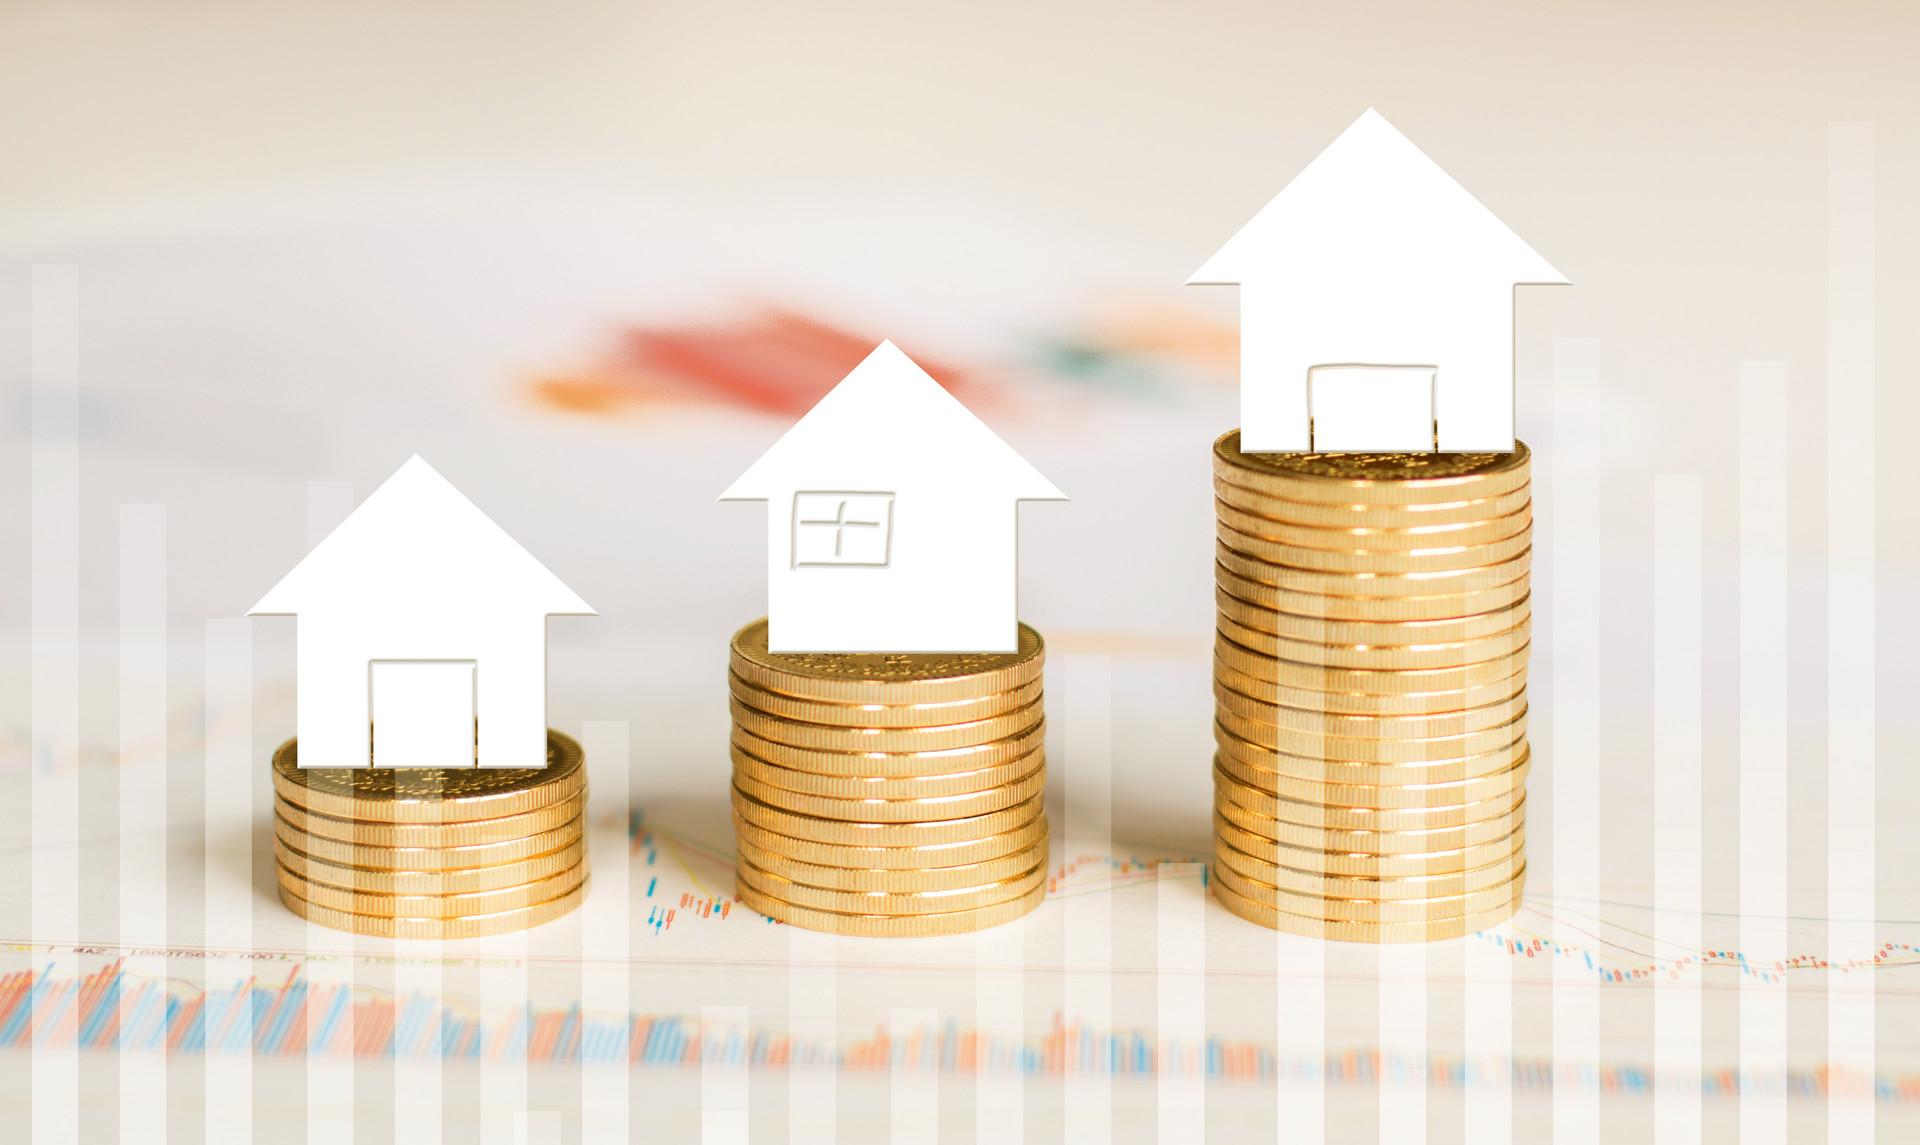 百城房价涨幅继续收窄 青岛库存上升较为明显